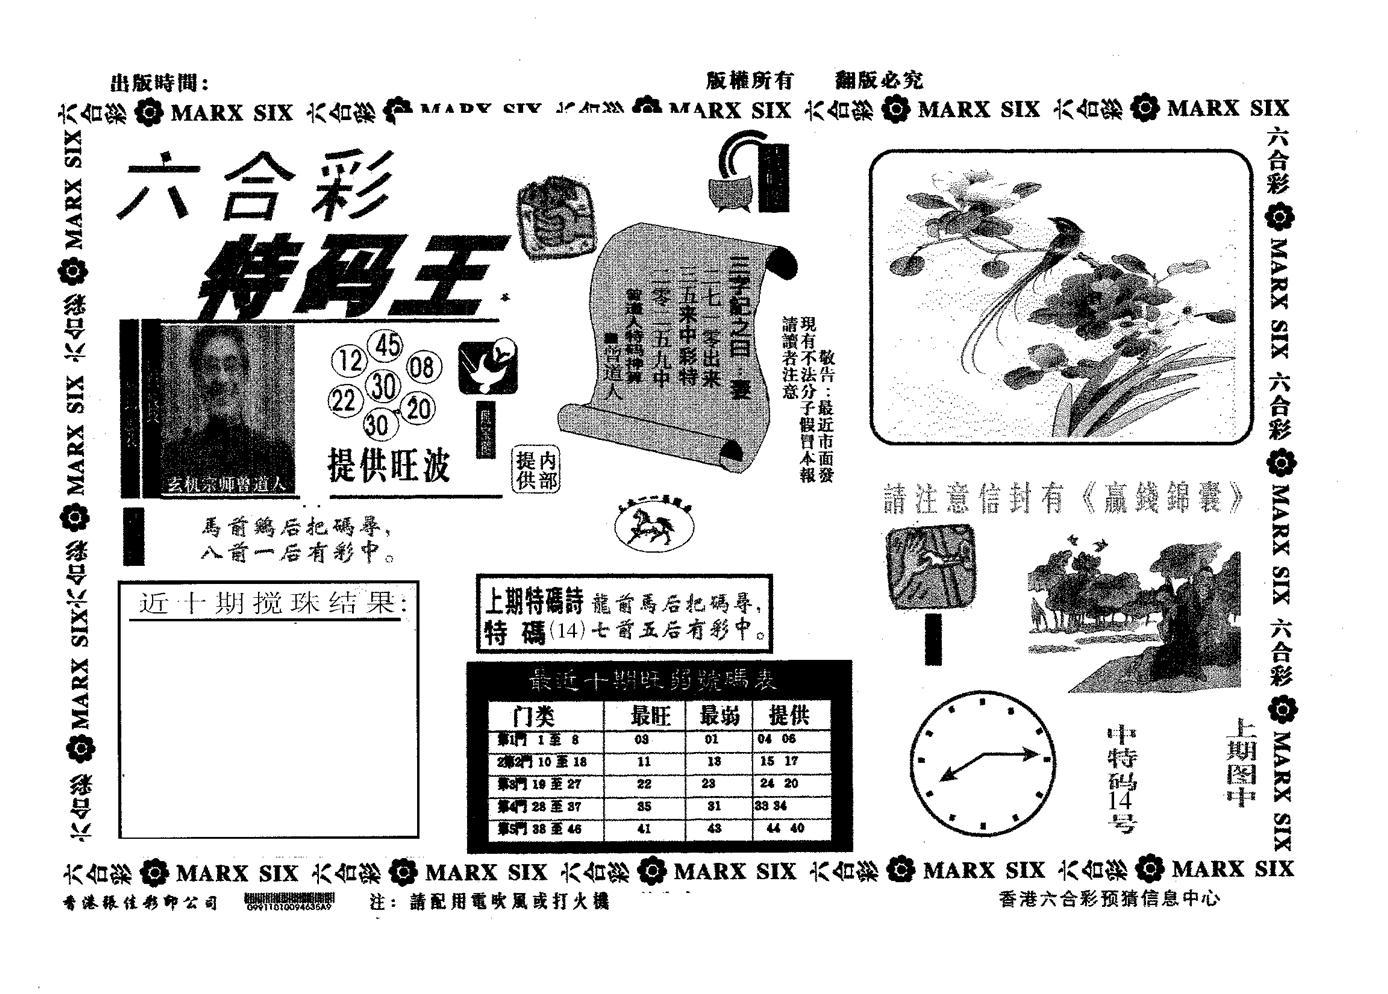 055期特码王B(黑白)